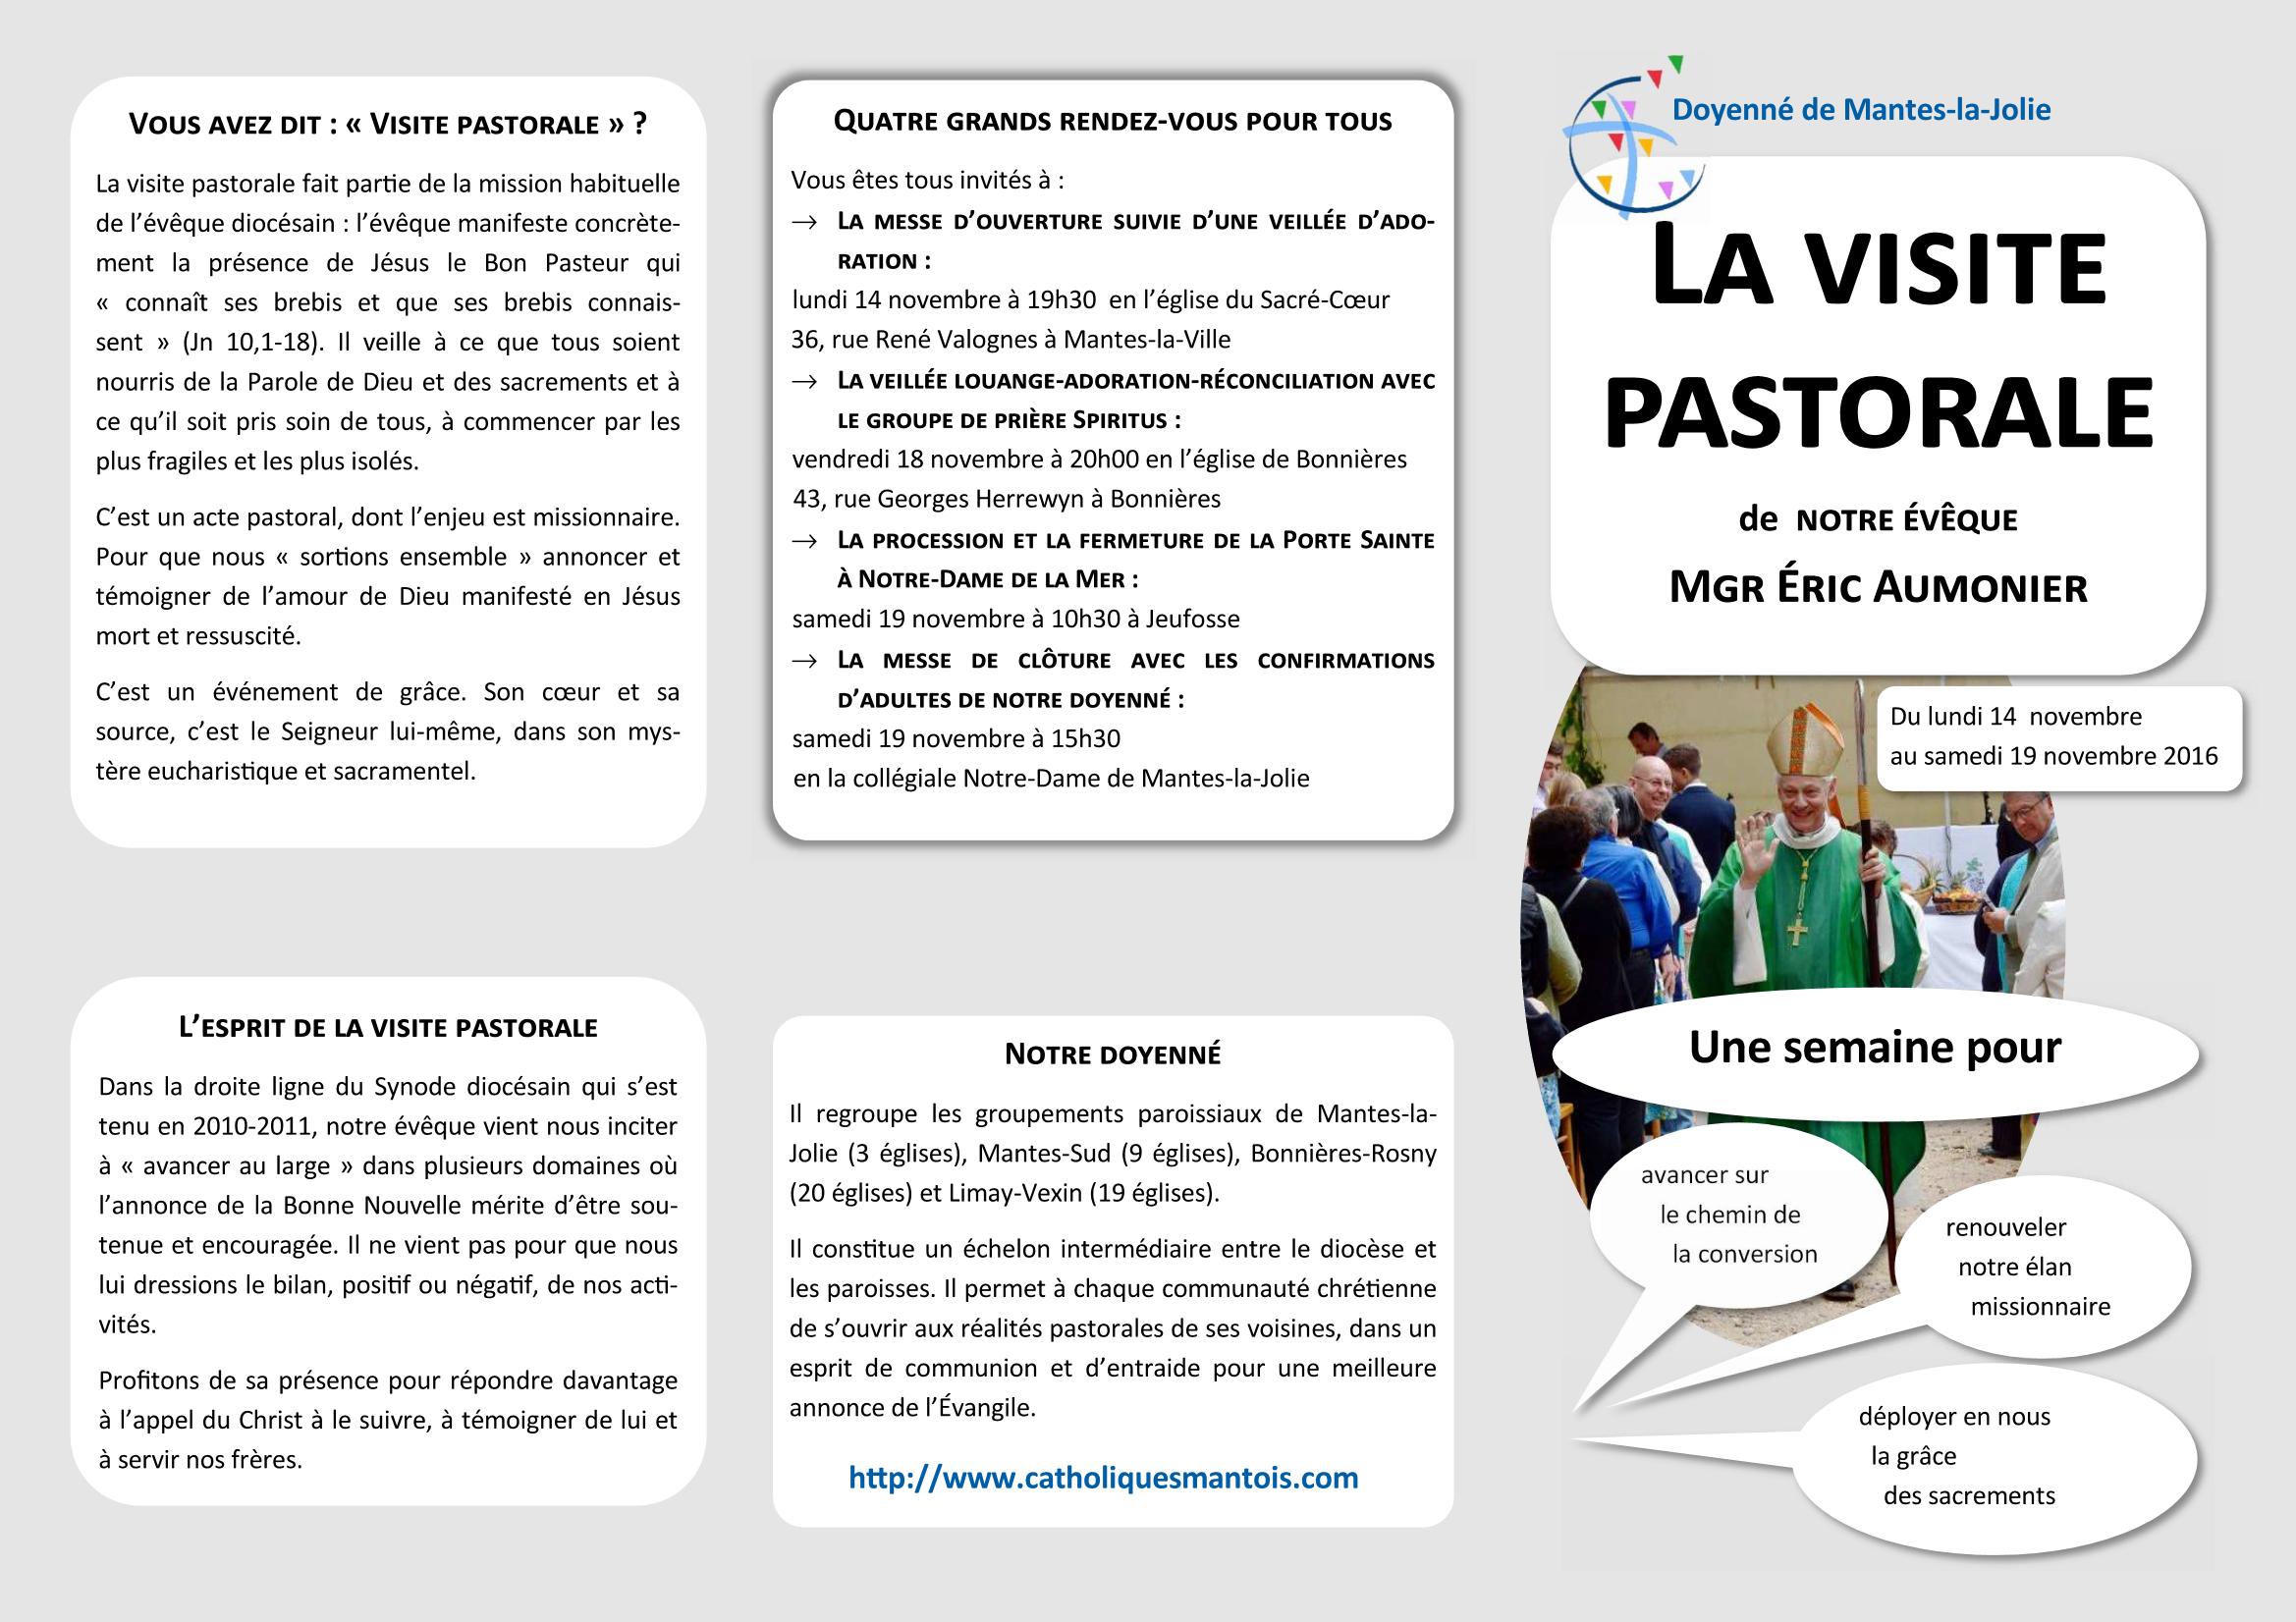 visite-pastorale-depliant_page_1